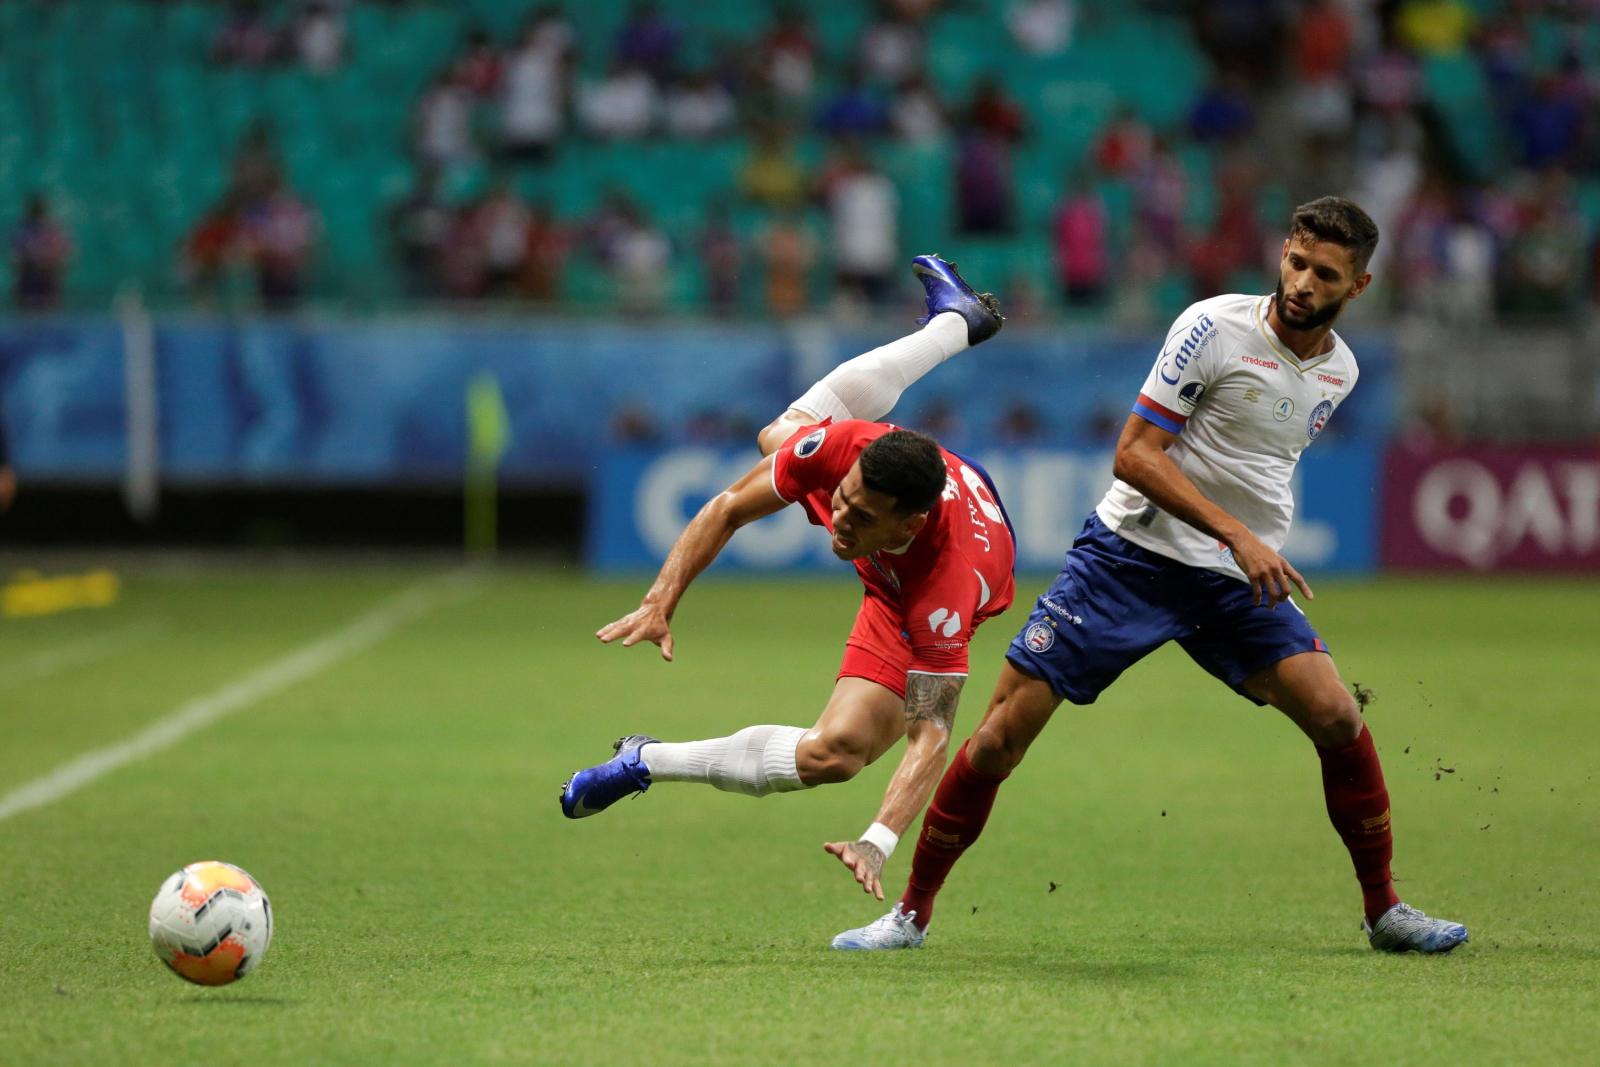 Mecz piłki nożnej fot. EPA/Raul Spinasse